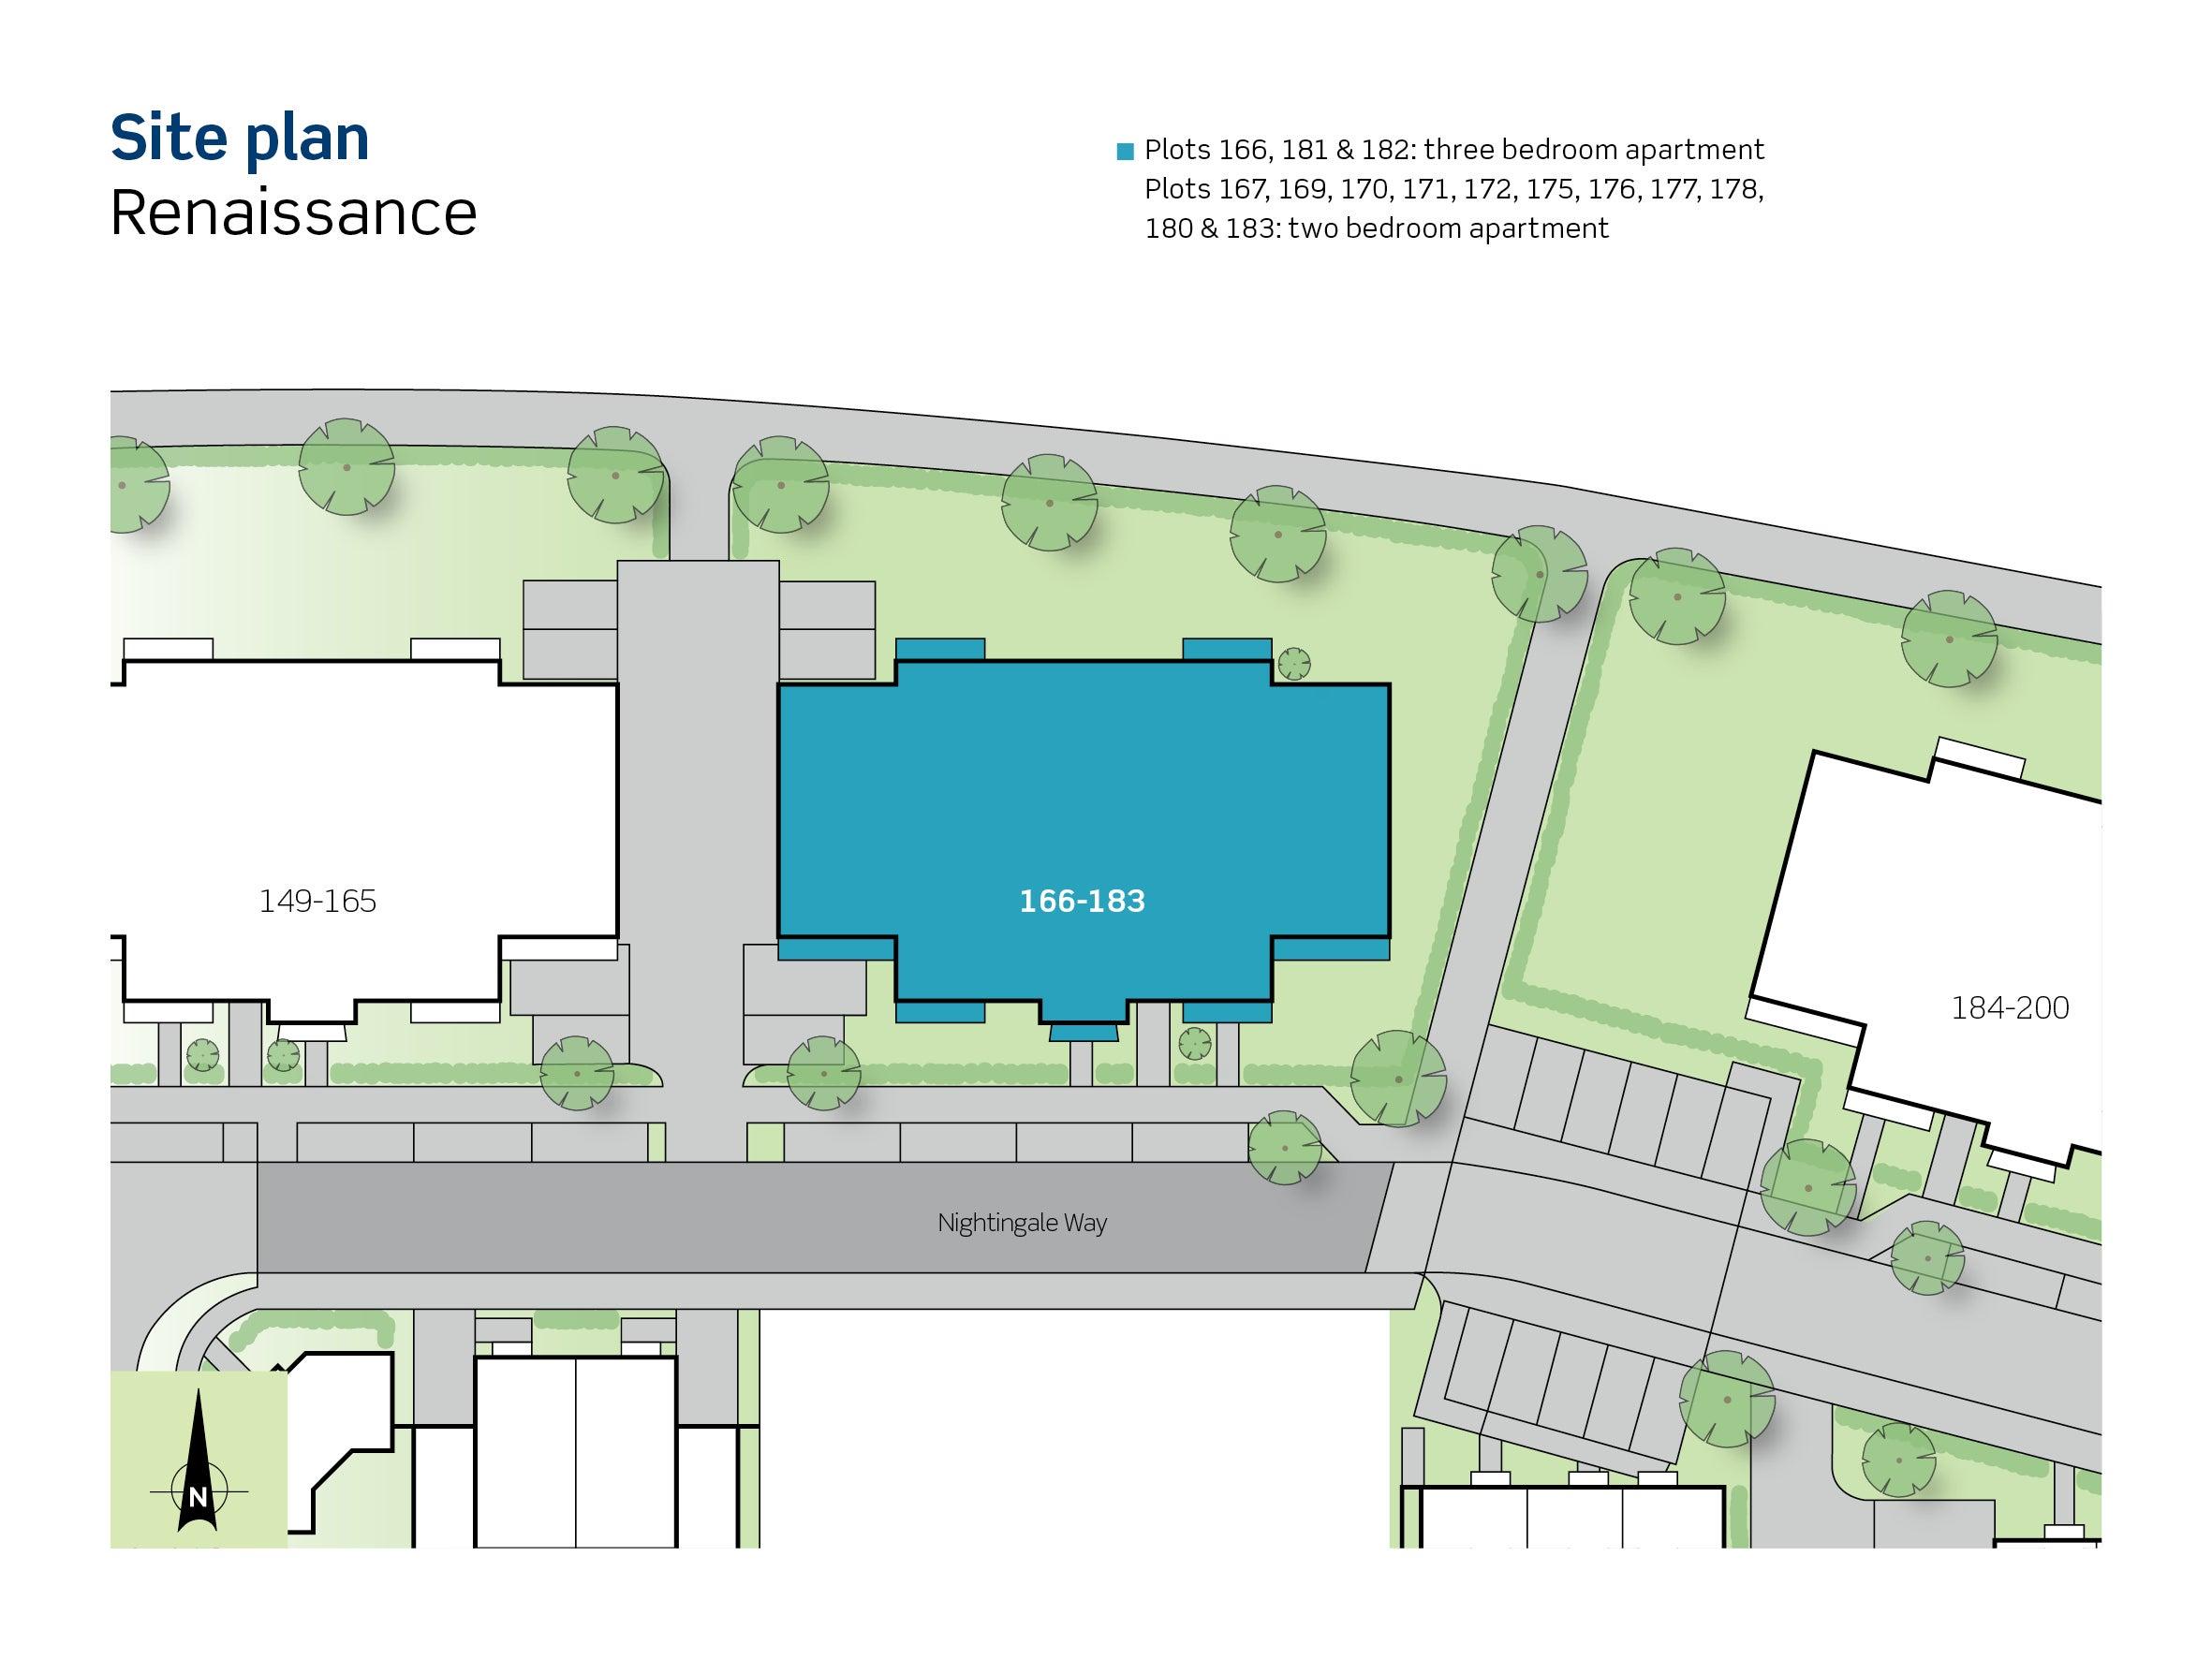 Plot 181 & 182 Renaissance Site Plan